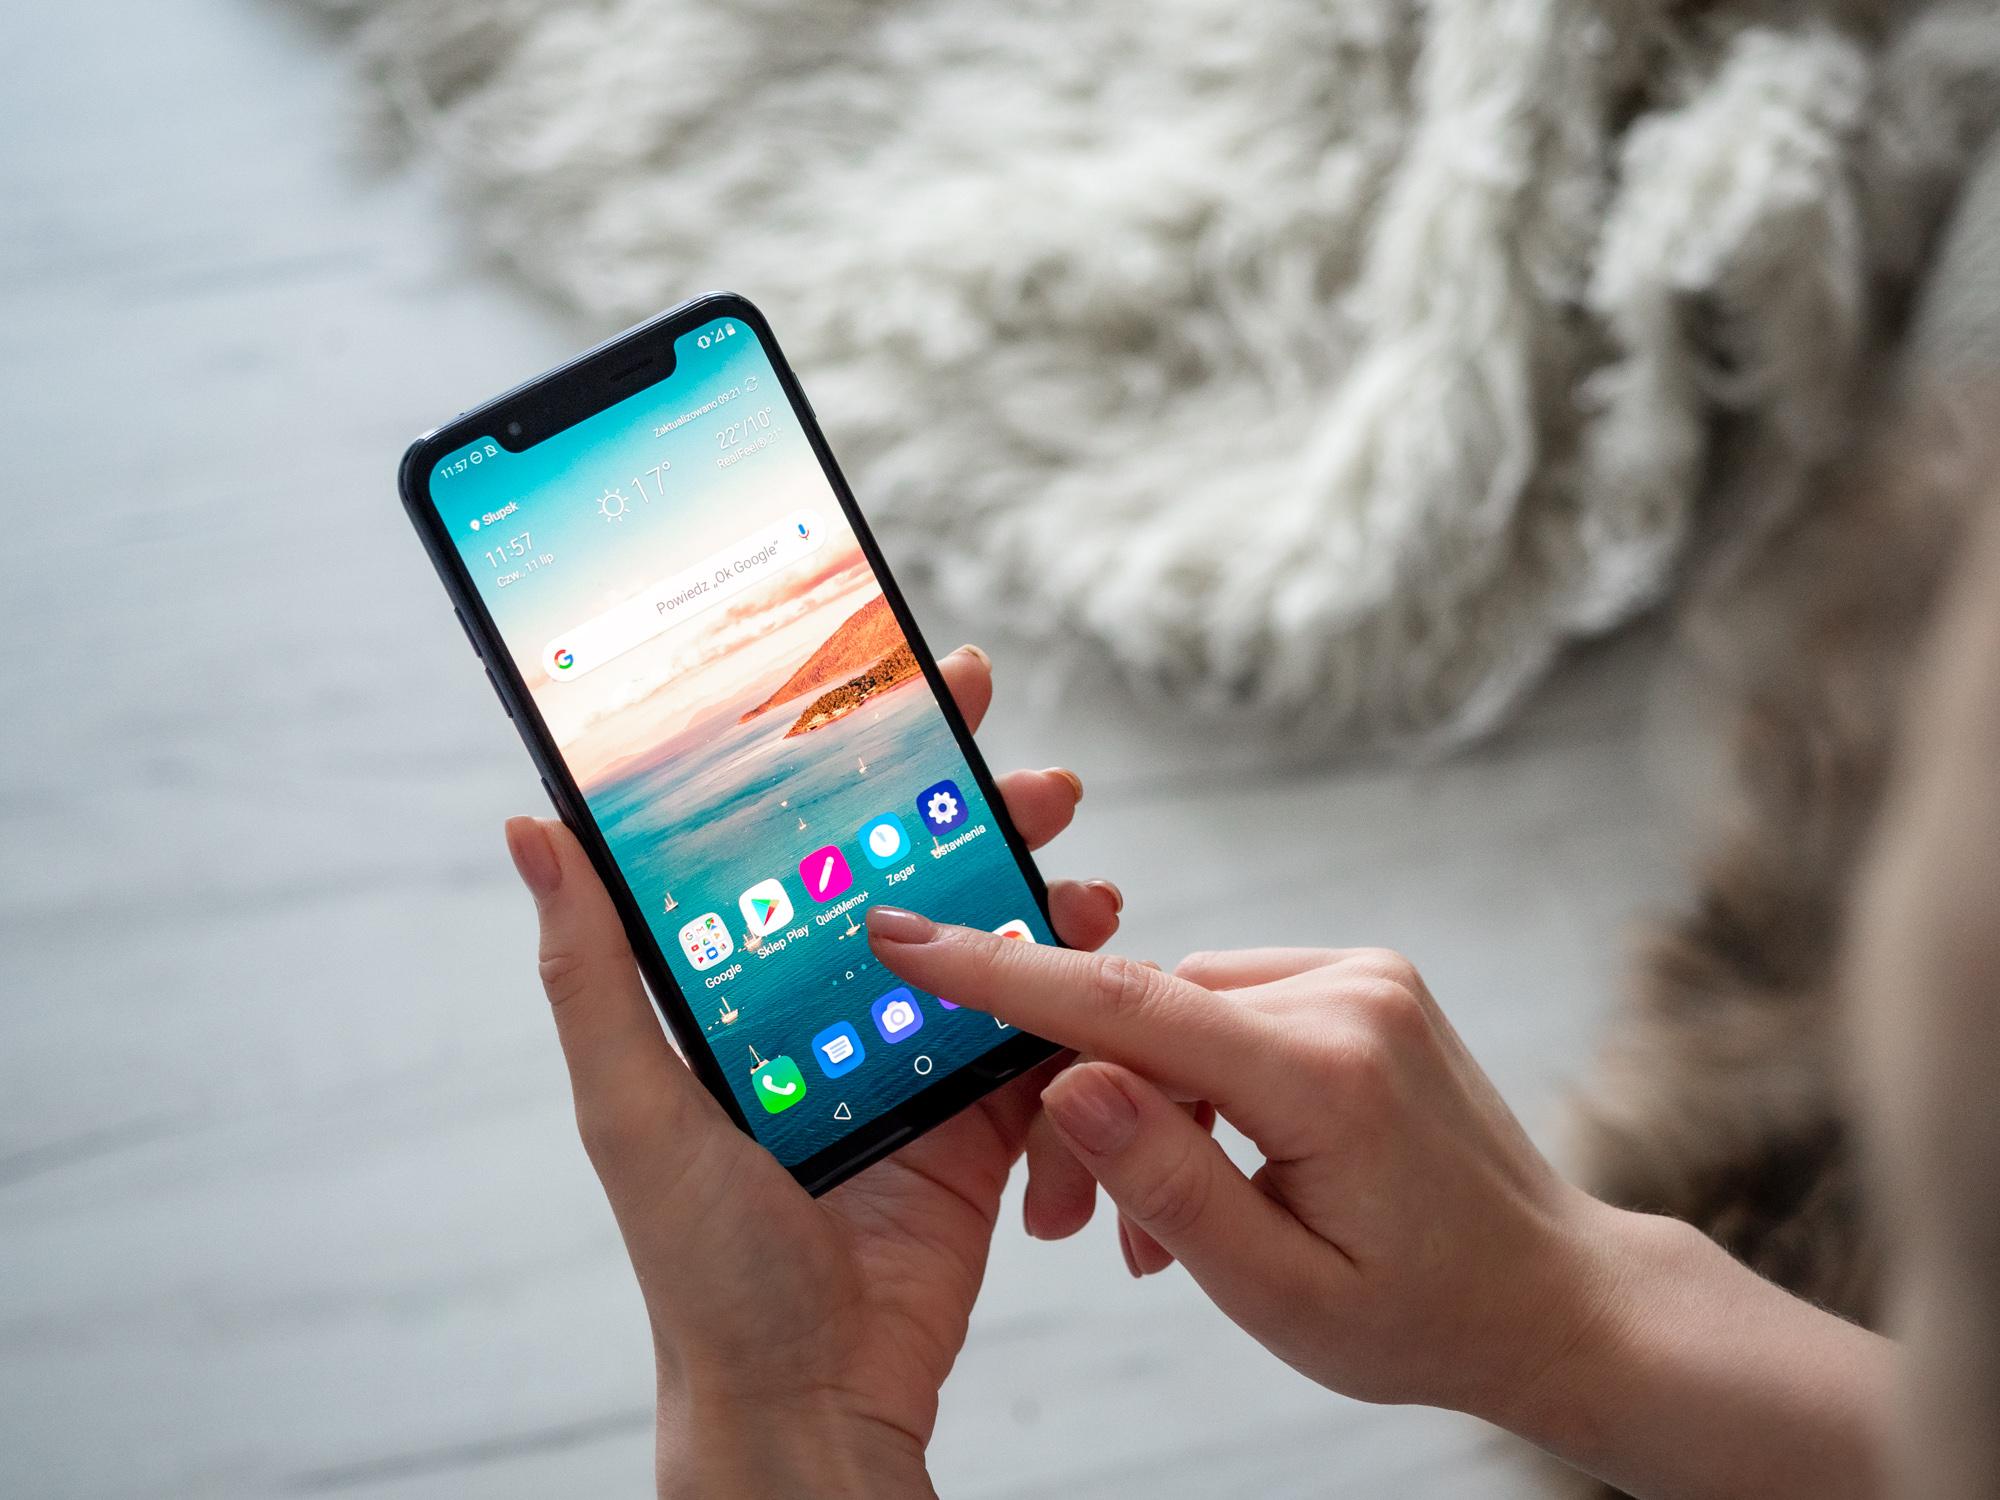 Smartphone bikaina da, baina ... - LG G8s ThinQ berrikuspena